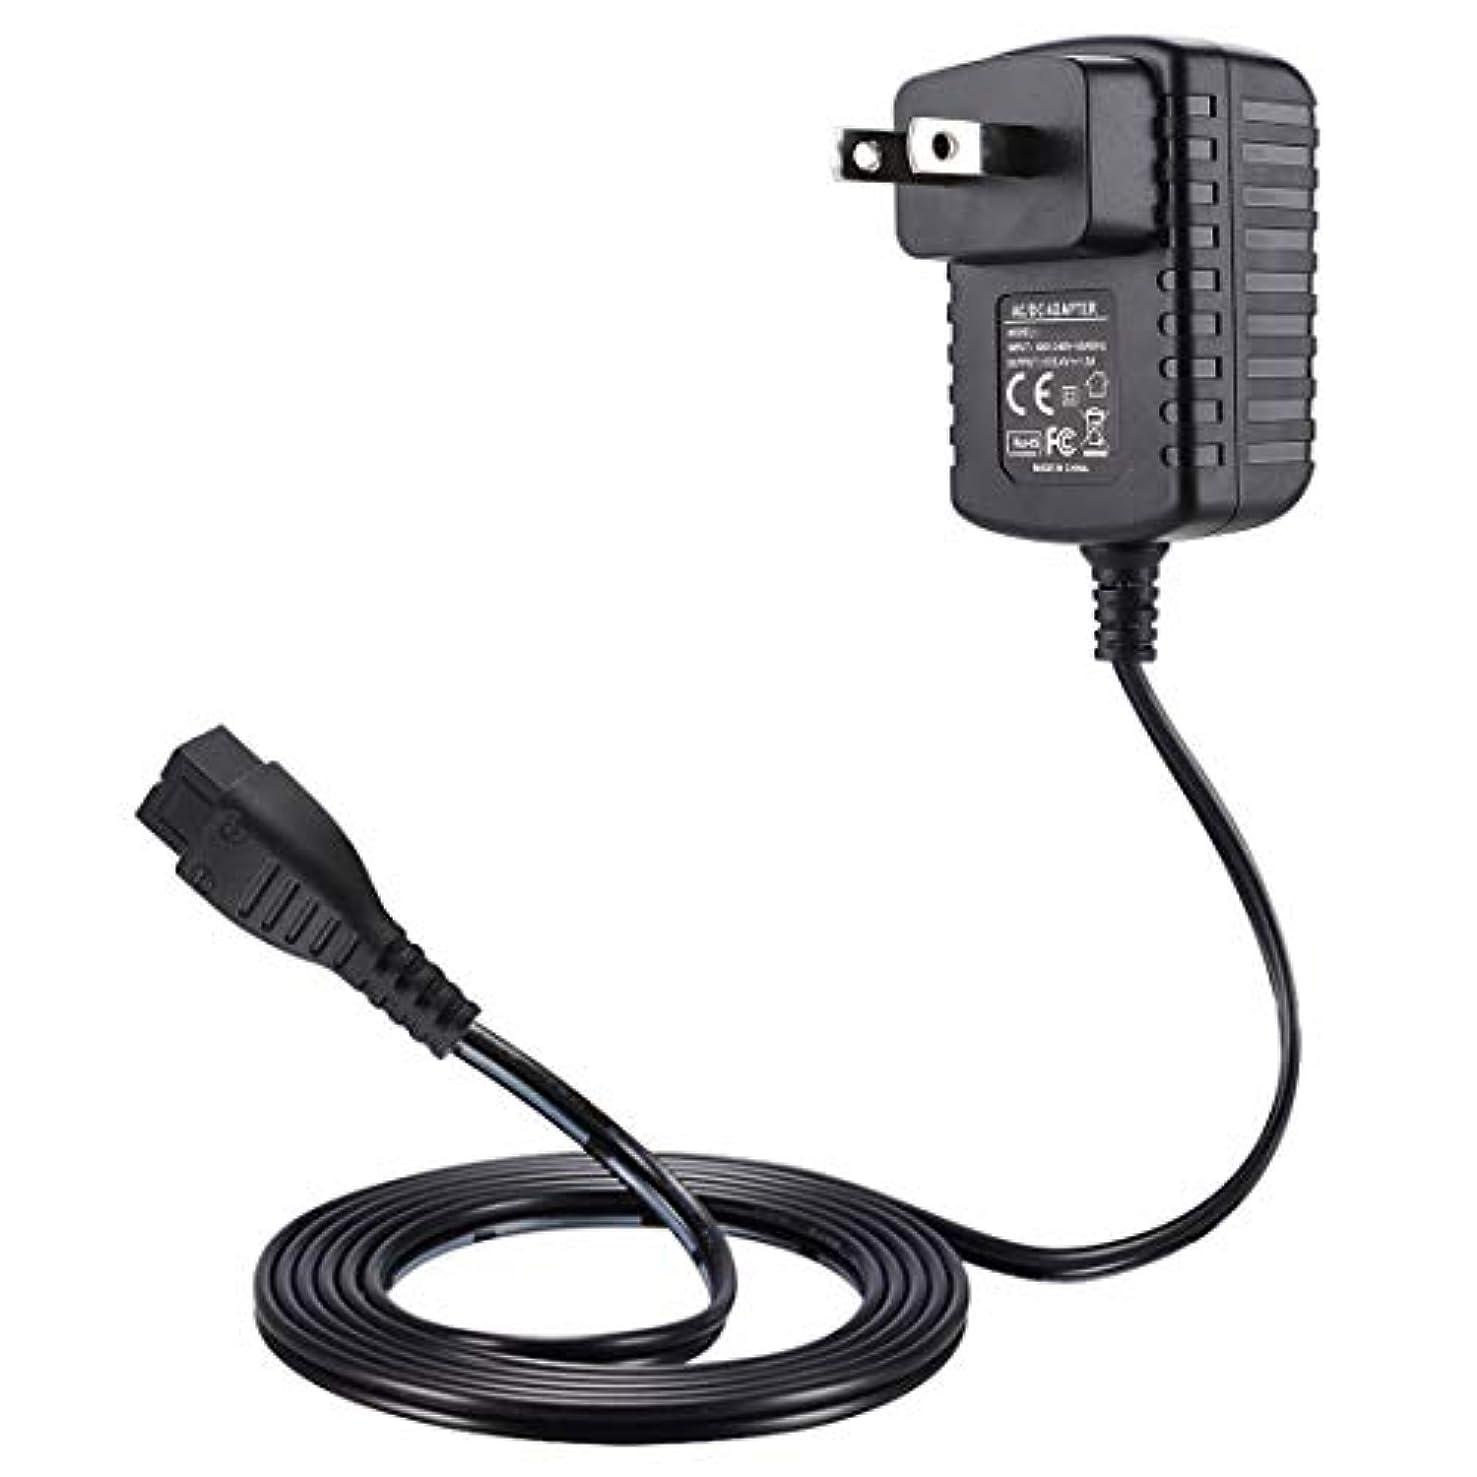 天才閲覧する贅沢なPunasi パナソニック シェーバー対応 5.4V 1.2A Panasonic対応 ACアダプター DCアダプター 5.4V電源アダプター交換用充電器 ES7000 ES8000 シリーズ ES8232 ES8237...